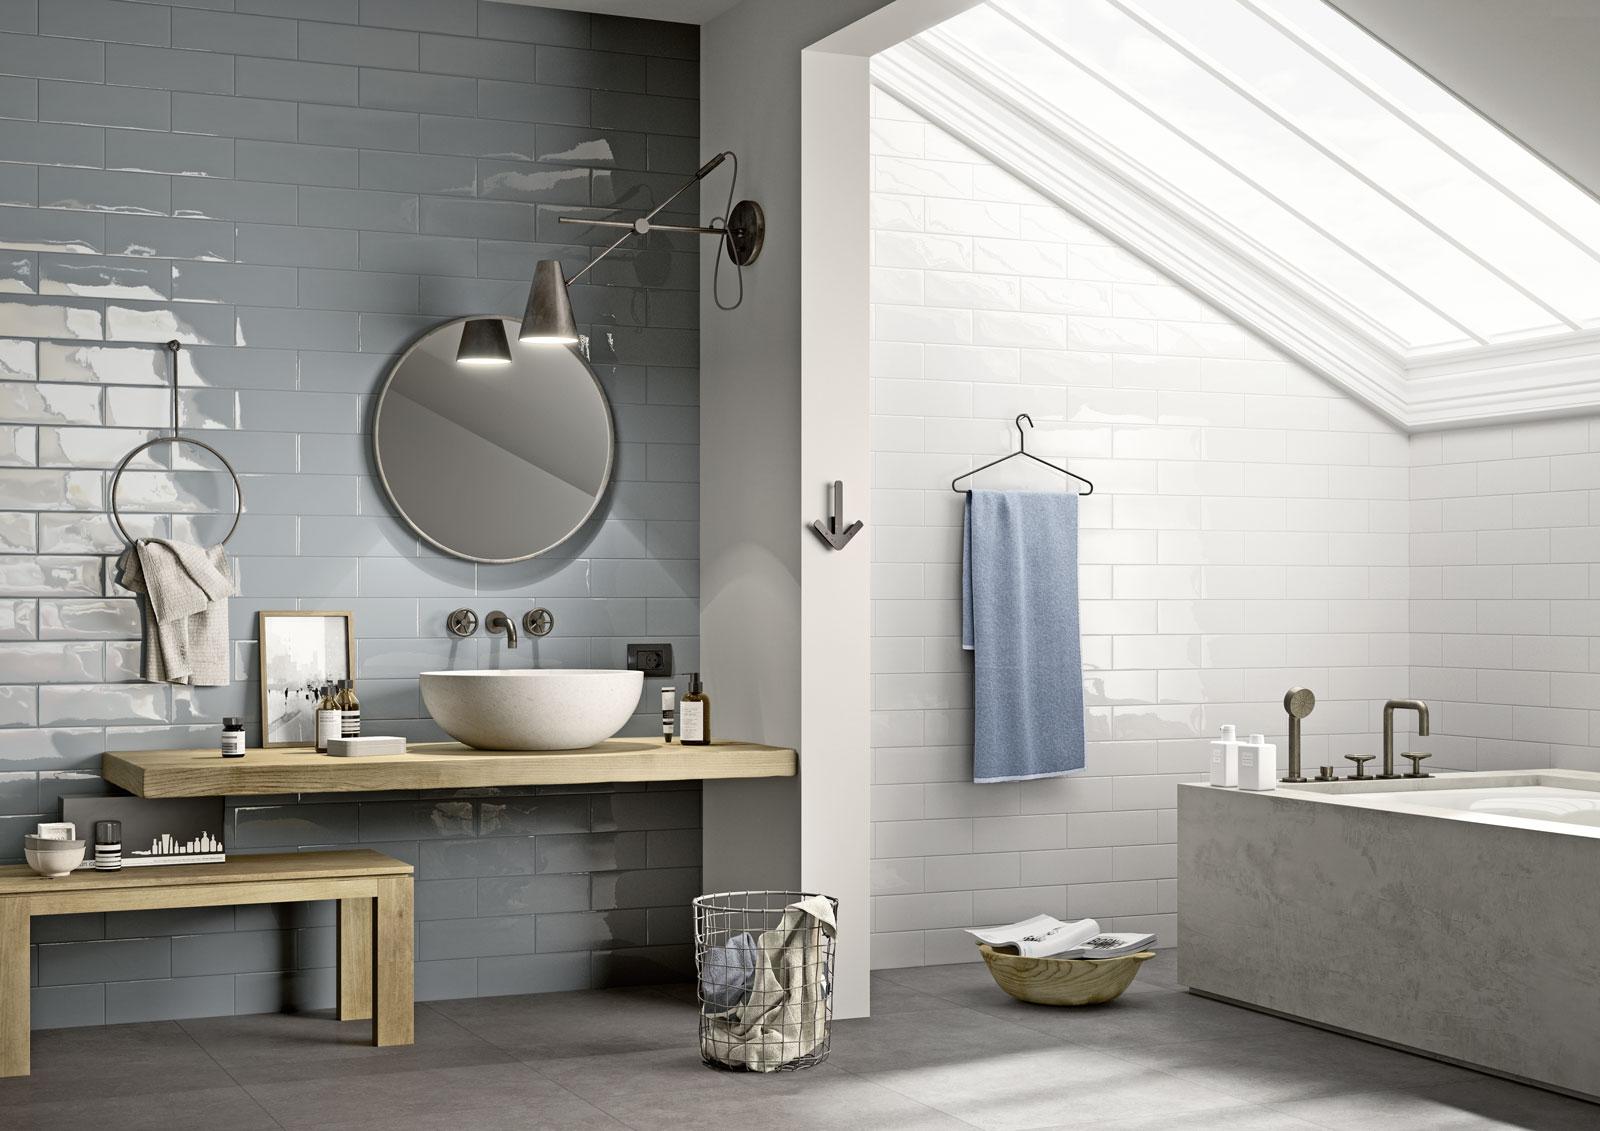 Mellow azulejos cer mica para revestimiento marazzi for Azulejos de ceramica